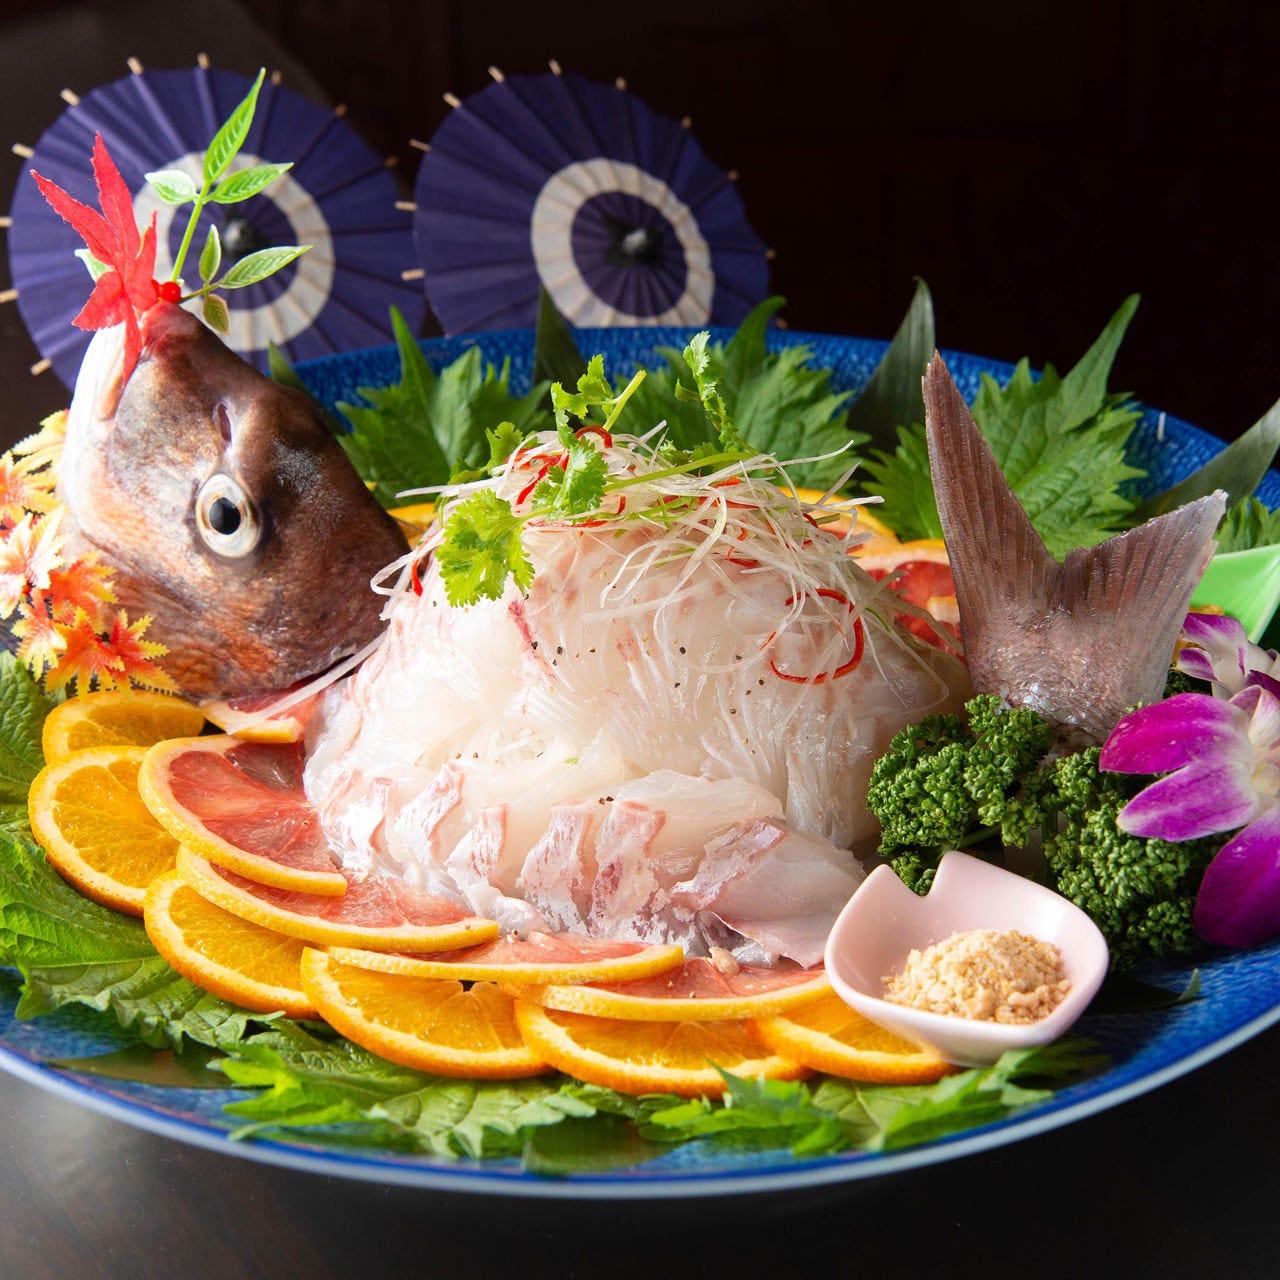 中華料理店で鮮度抜群の魚介をご堪能